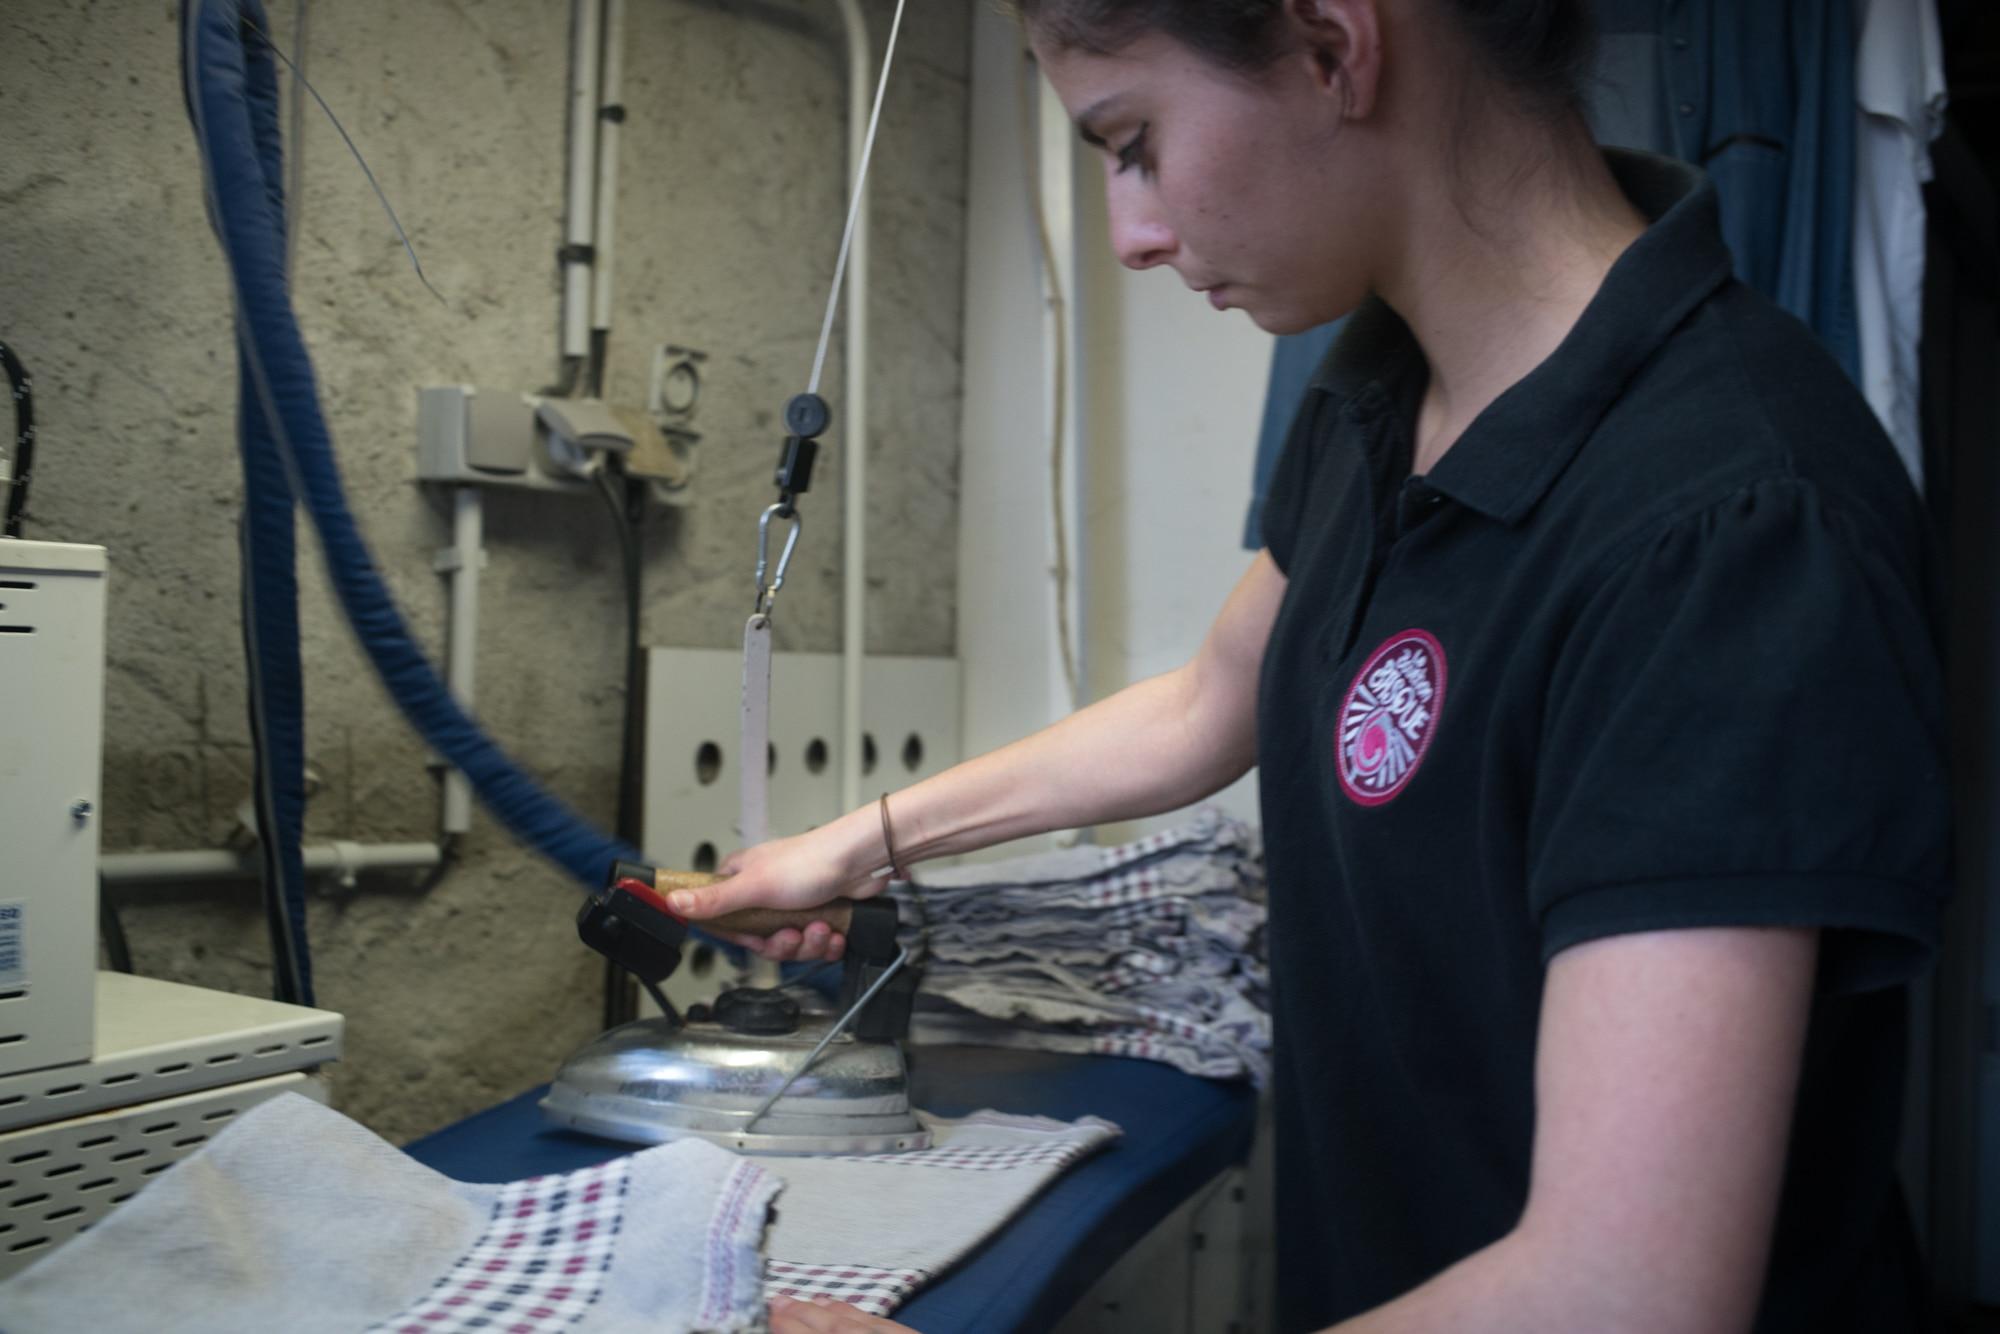 Océane presse des serviettes à l'aide d'un fer à repasser.